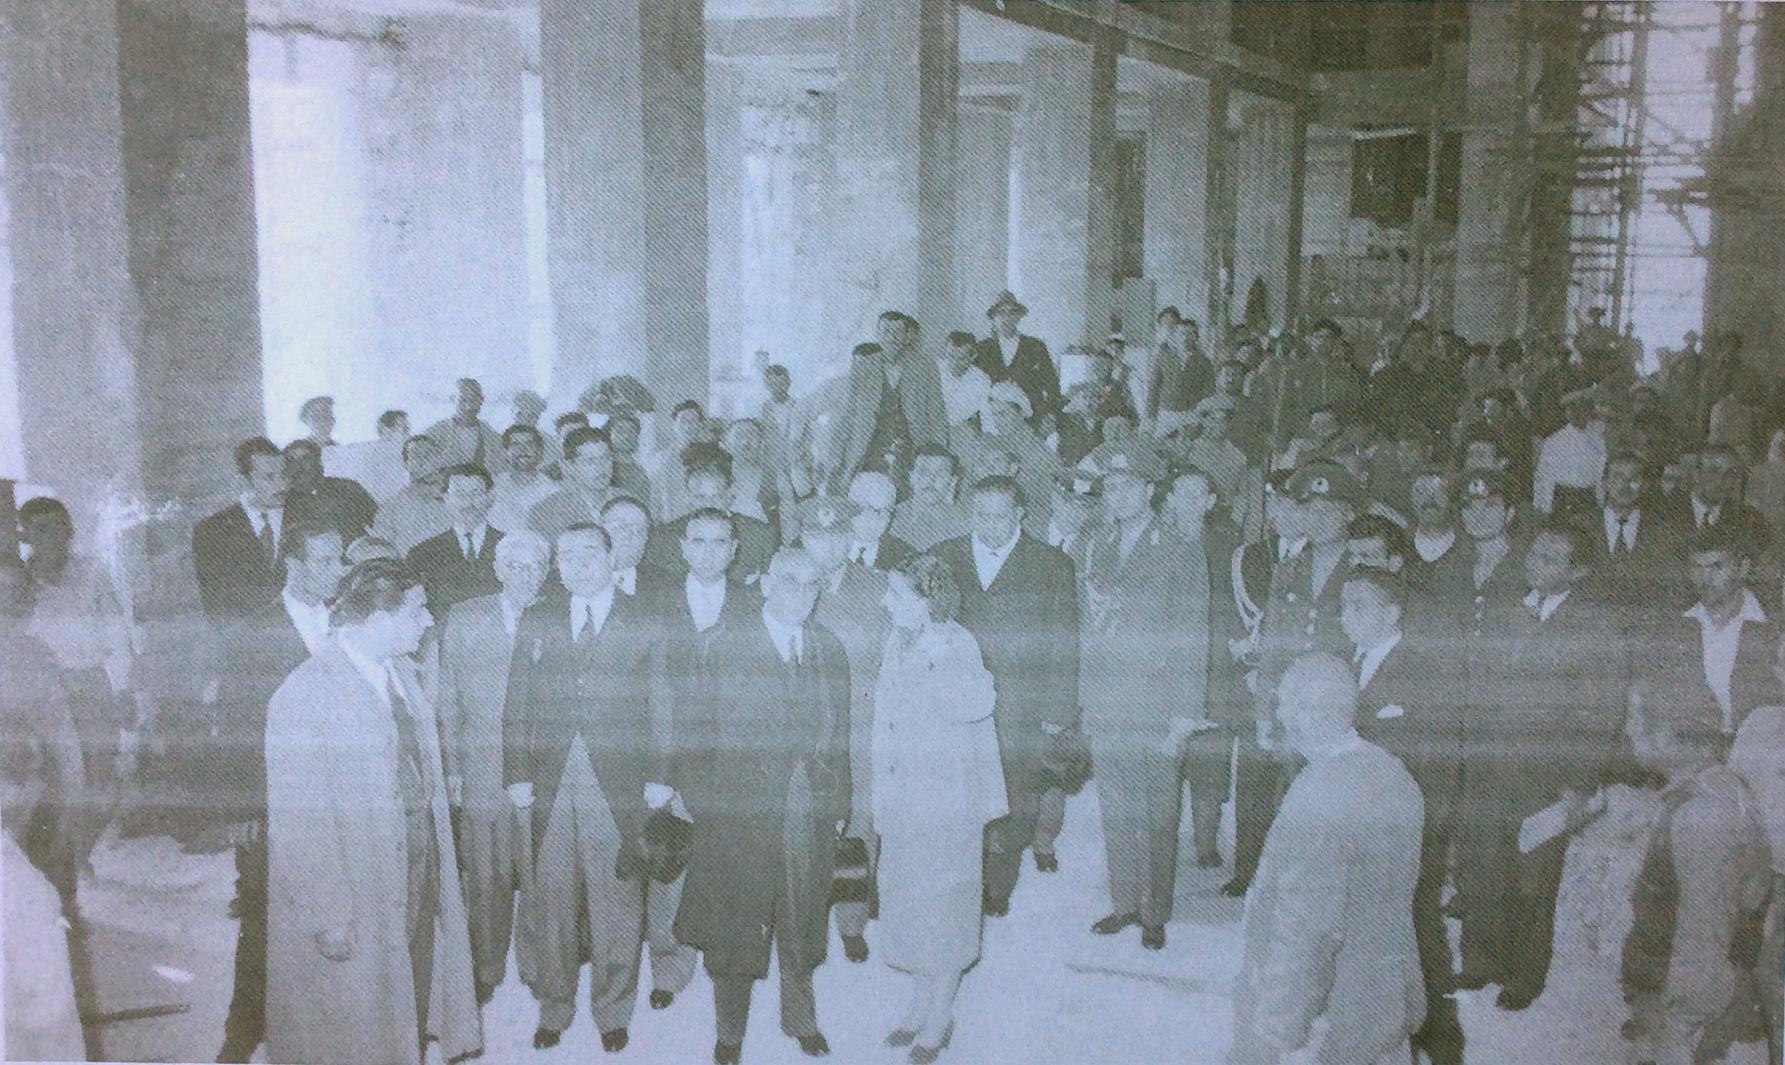 Rahmi Bediz, protokol heyeti ile birlikte Anıtkabir şantiyesini gezerken, tahminen 1950'lerin başı. Kaynak: Ahmet Sezen Özsayın Arşivi.